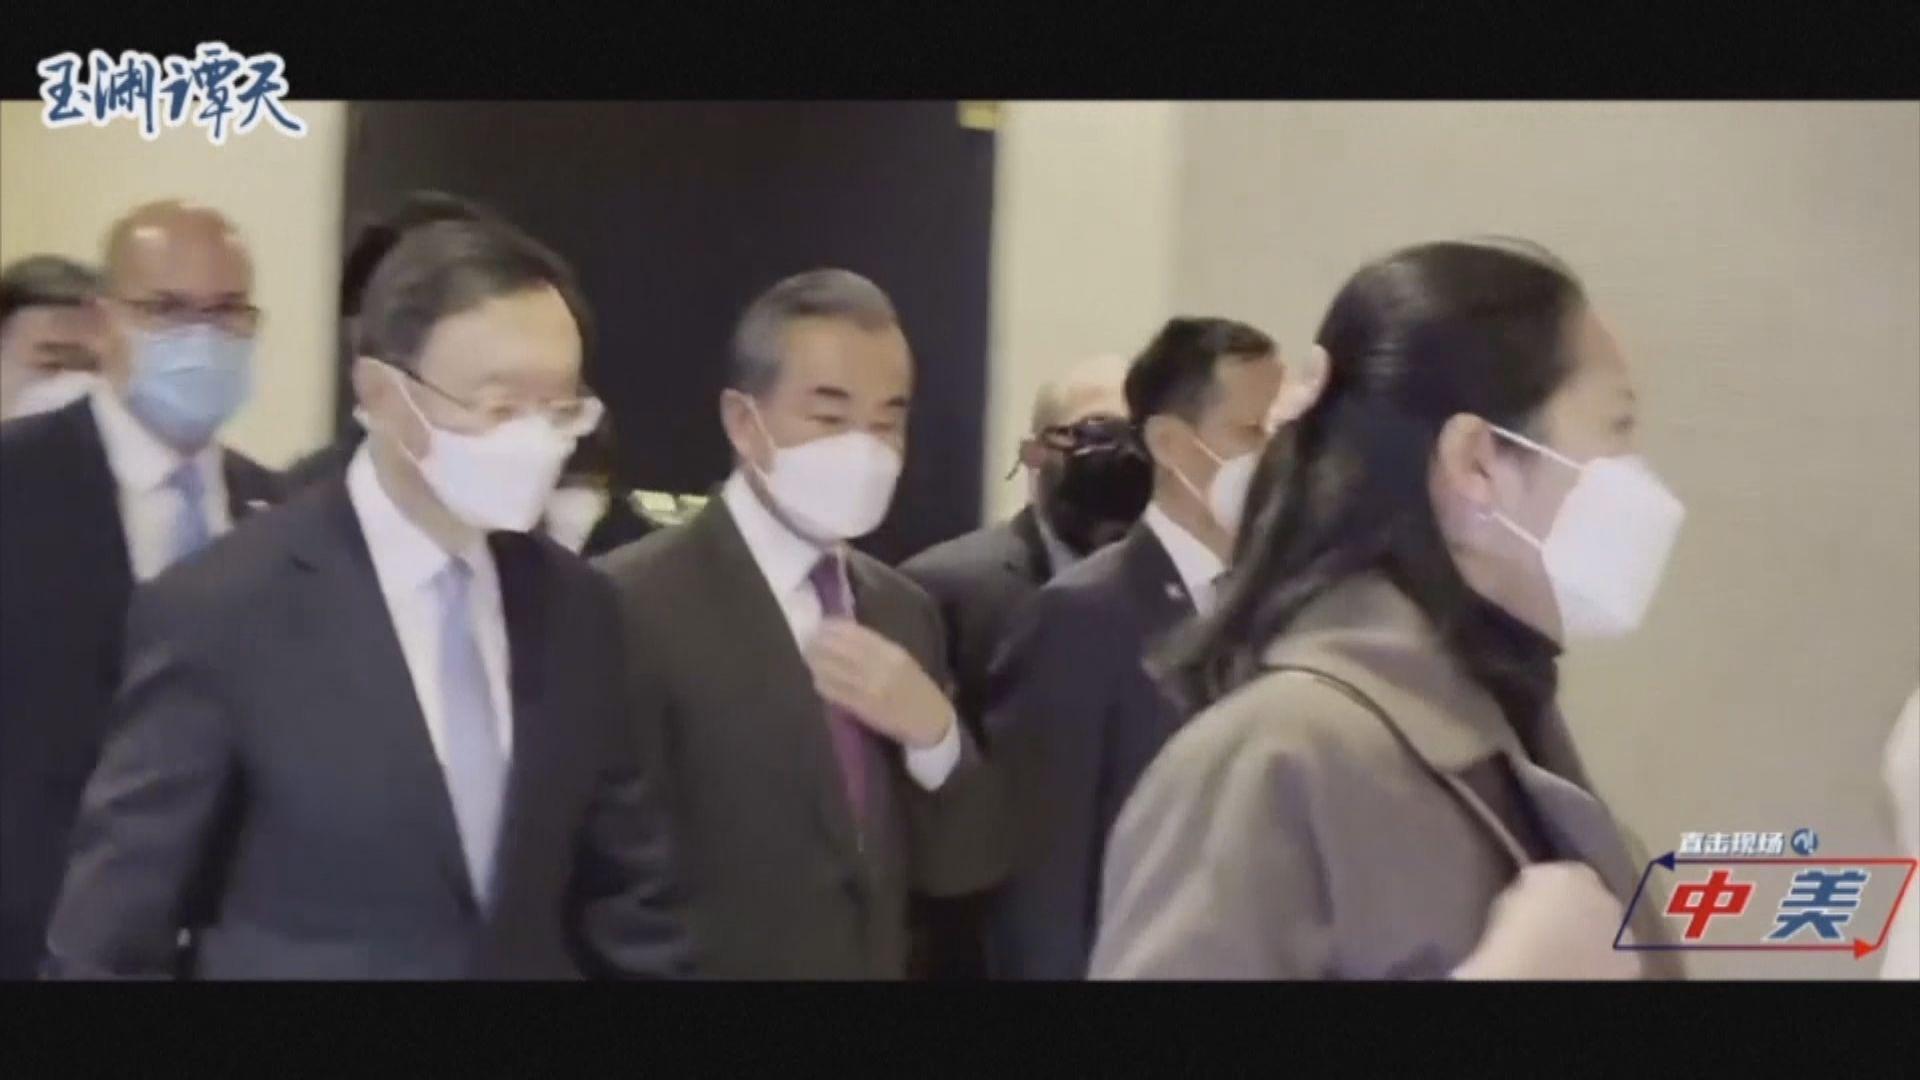 中美高層對話 內媒指王毅稱會談順利談及很多地區問題